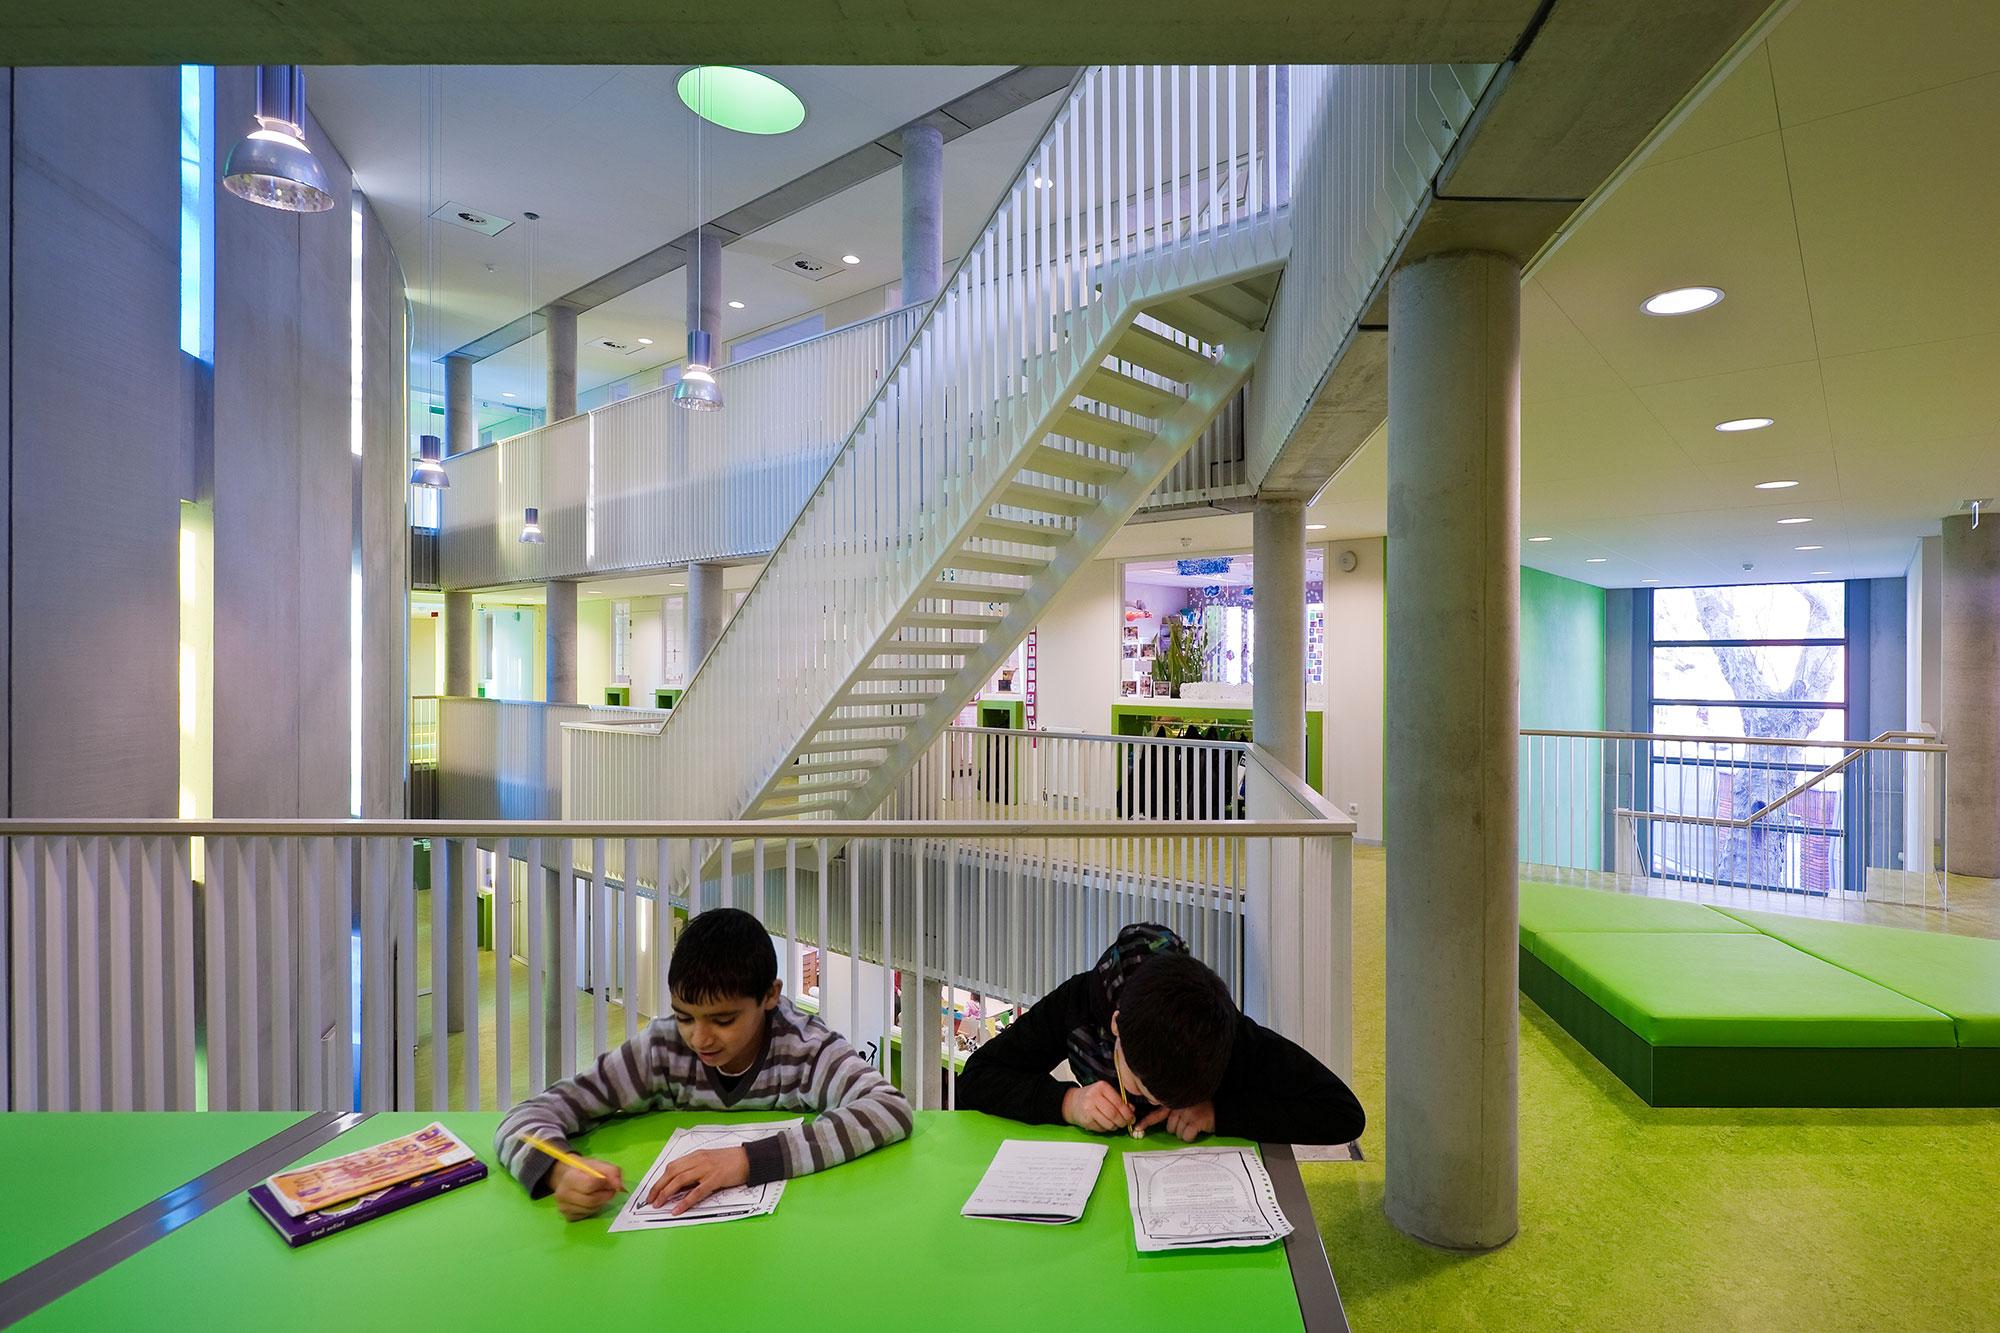 Brede school Nieuw Crooswijk 7